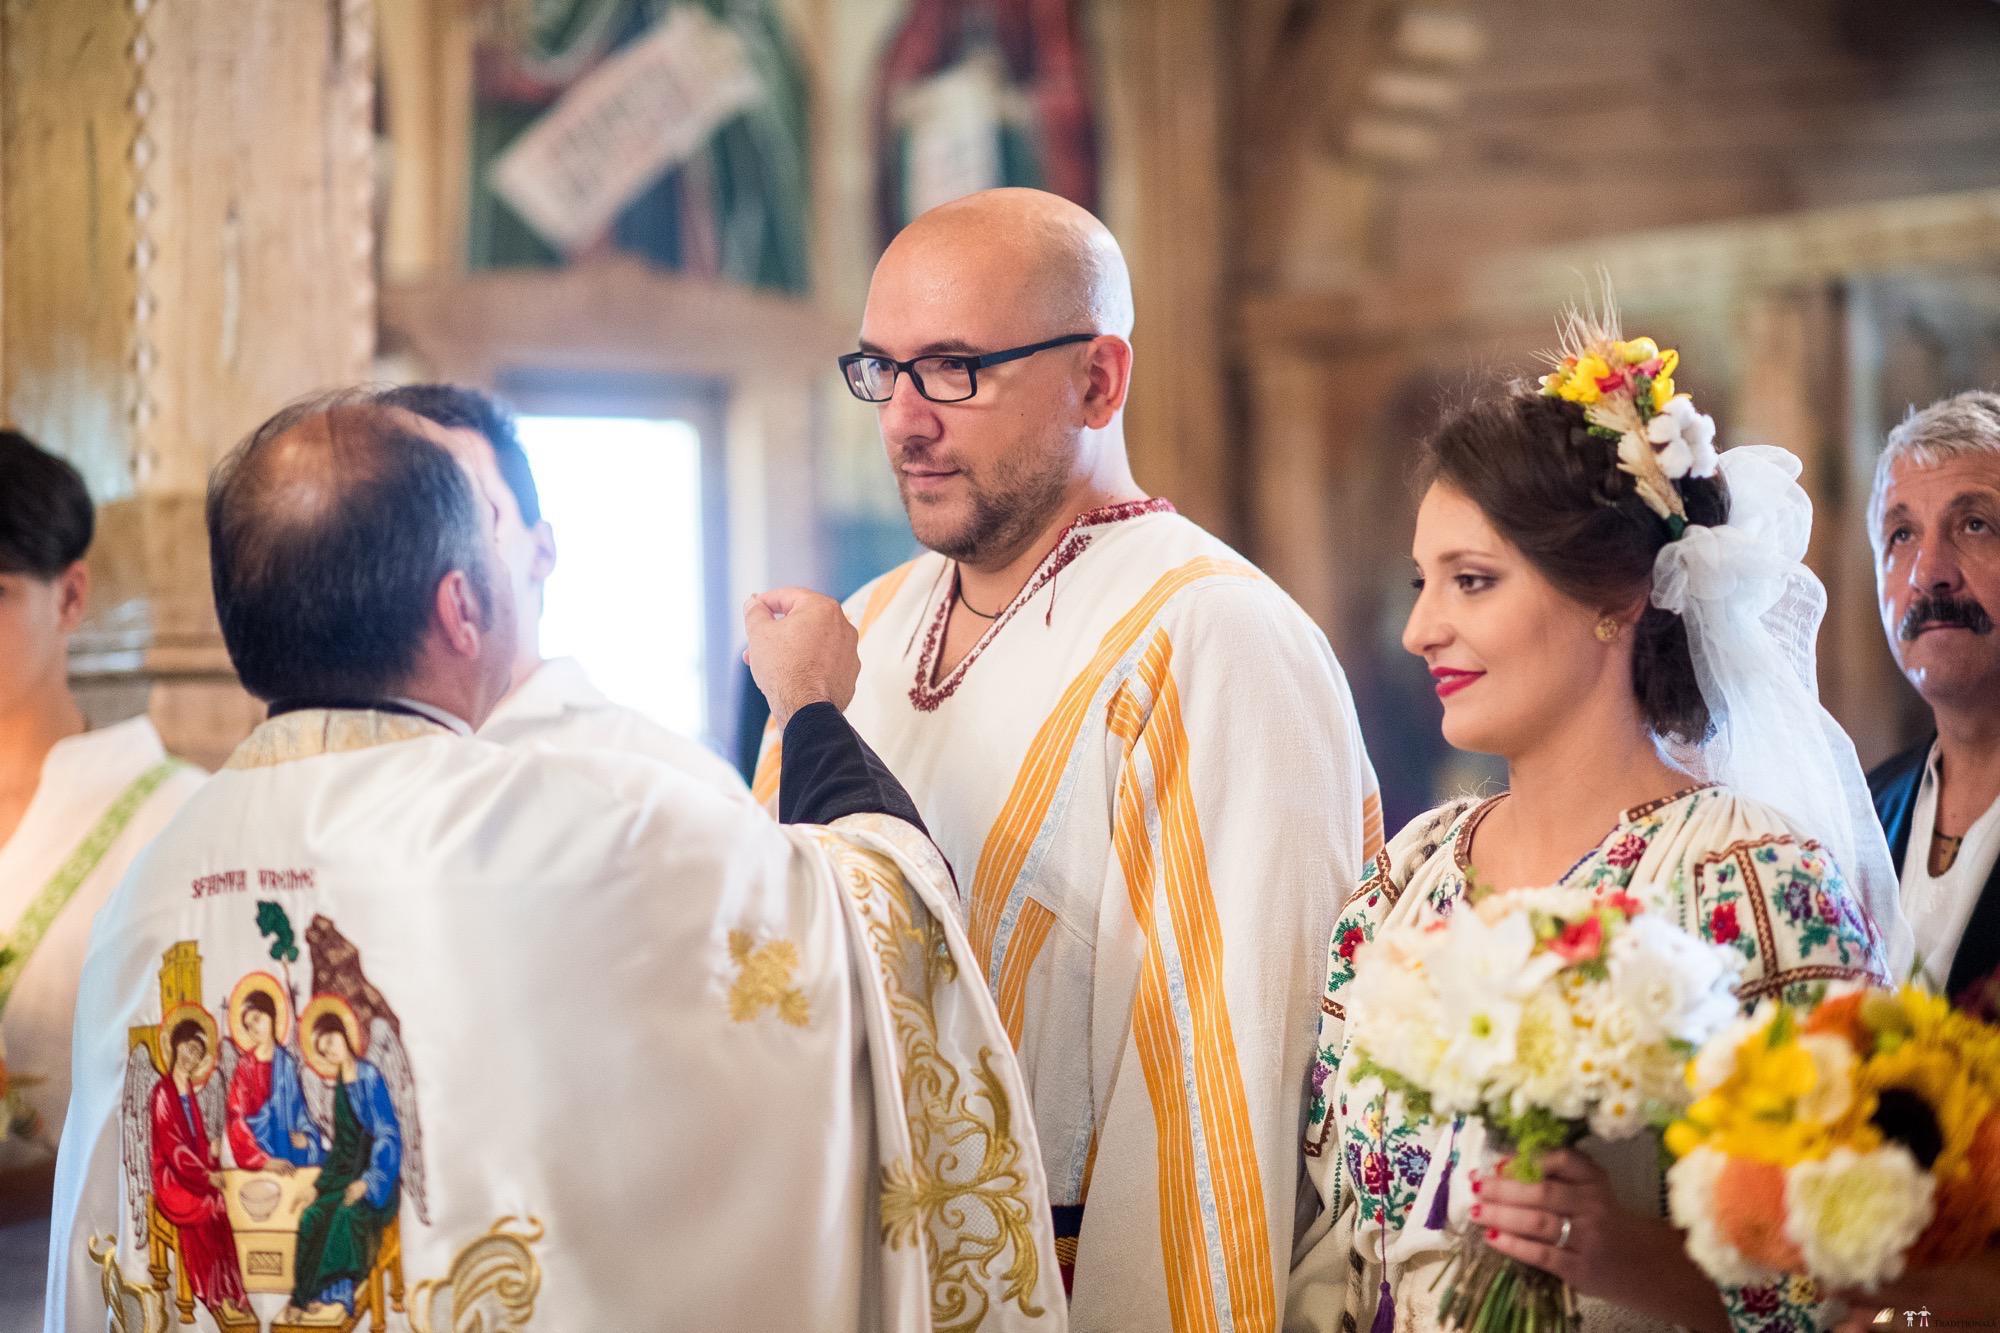 Povești Nunți Tradiționale - Ioana și Andrei. Nuntă tradițională în București. 18